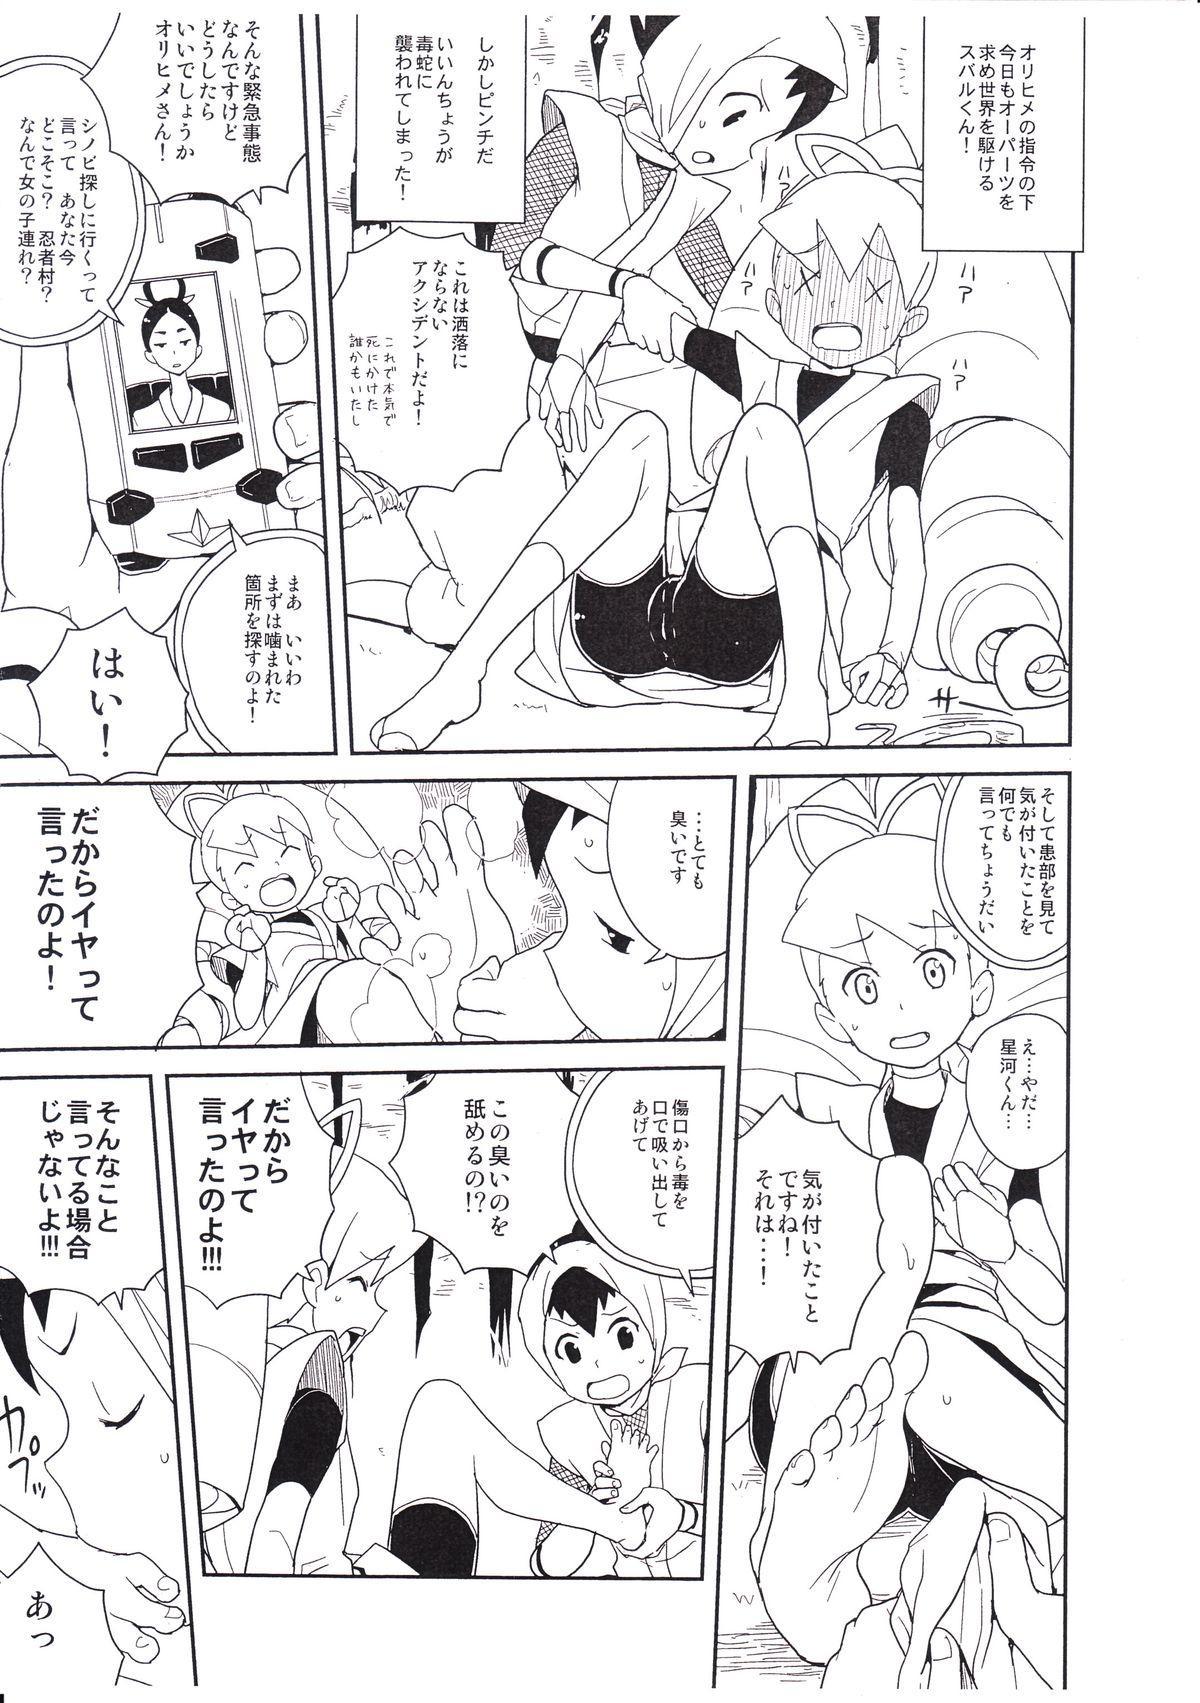 10nen no FuyuComi no 1